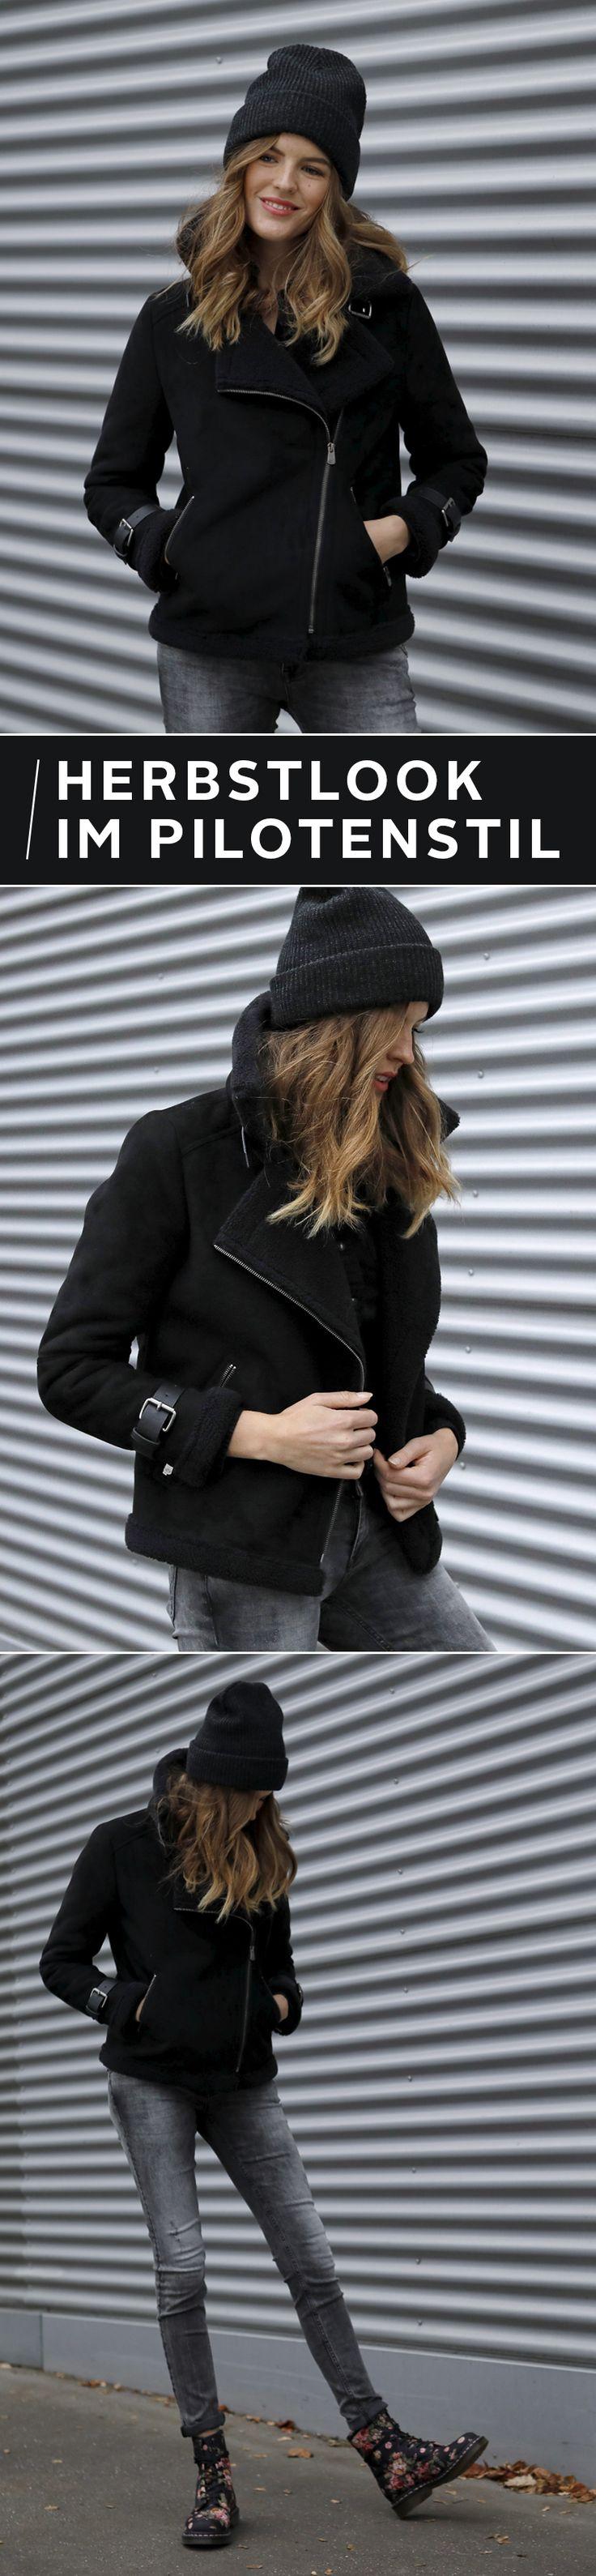 Bist du bereit, styletechnisch so richtig schön abzuheben? Diese Pilotenjacke wirst du im Winter lieben: Dicker Teddyfellkragen, coole Details und viele Kombinations-Möglichkeiten machen sie zum Must-have für die kalte Jahreszeit.